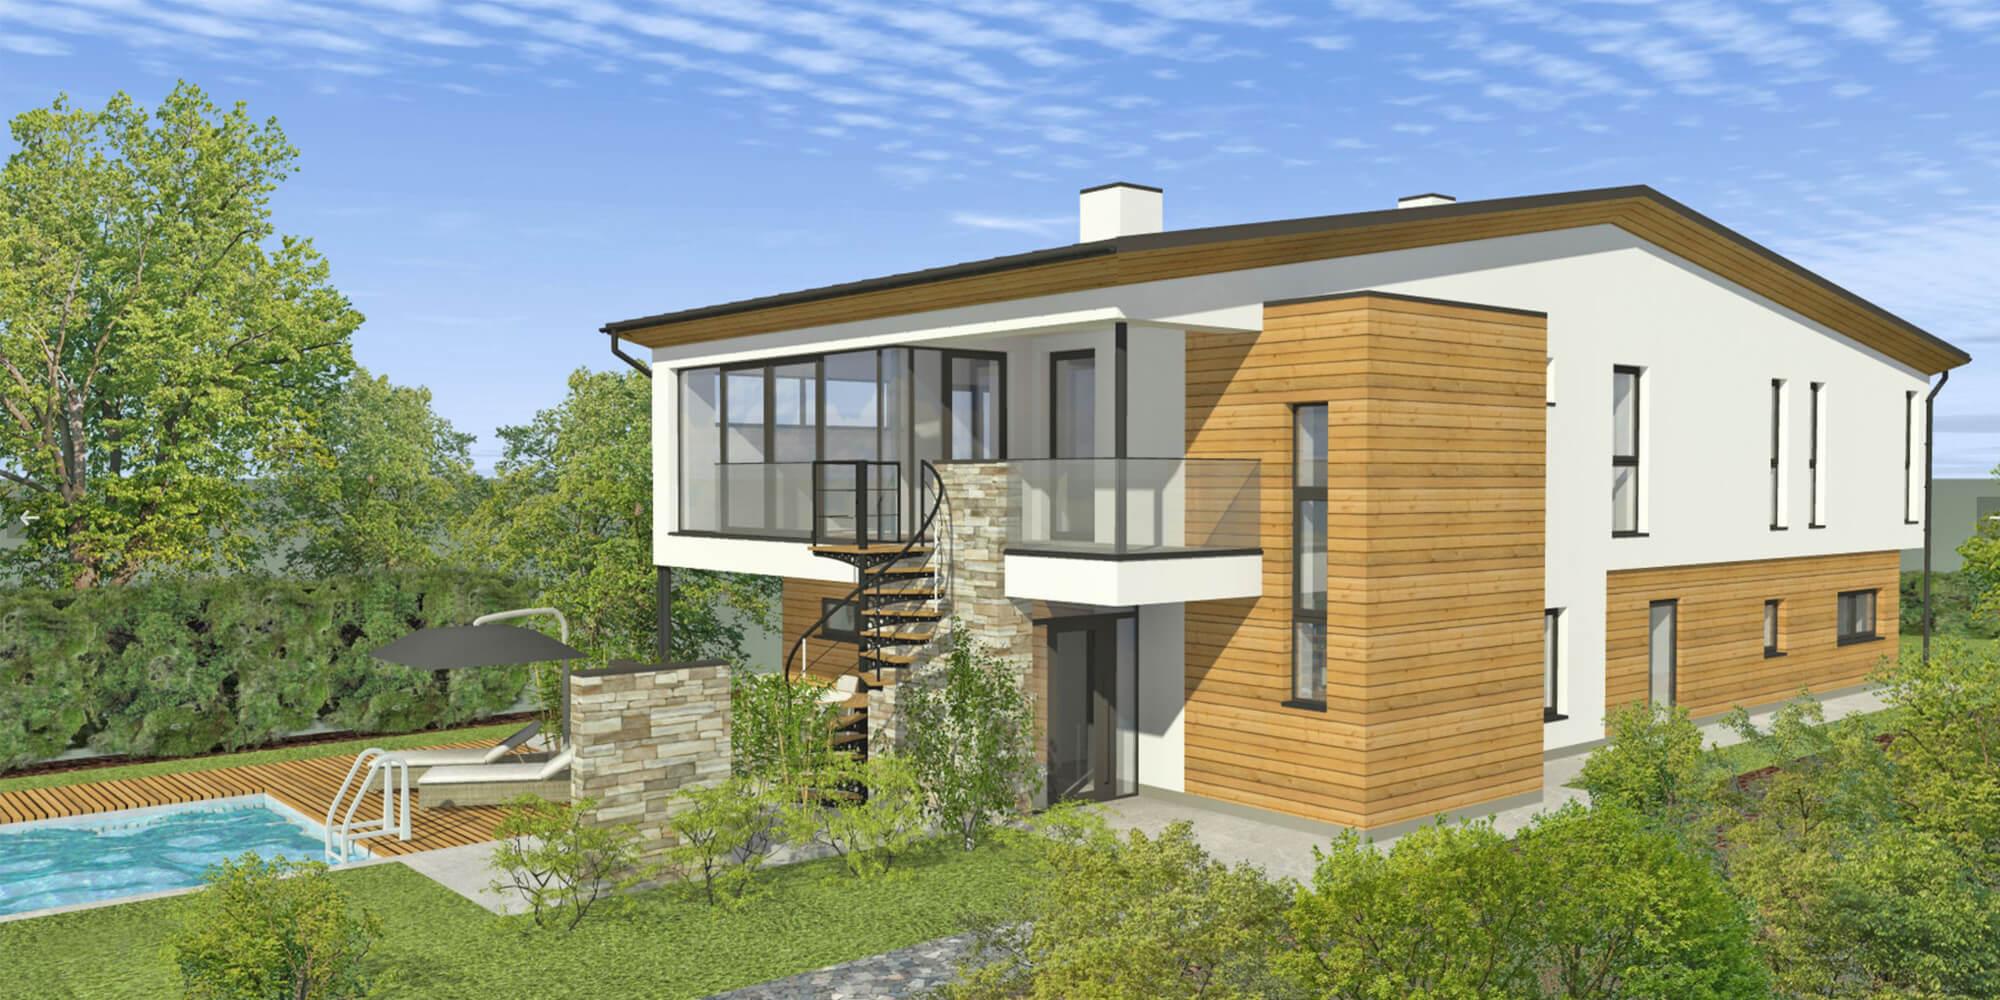 Cre-Plan-Design-Rauch-Frühmann-Architektur-Innenarchitektur-Design-Projekt-Referenz-Rund-ums-Haus-Fassaden-und-Gartengestaltung-3